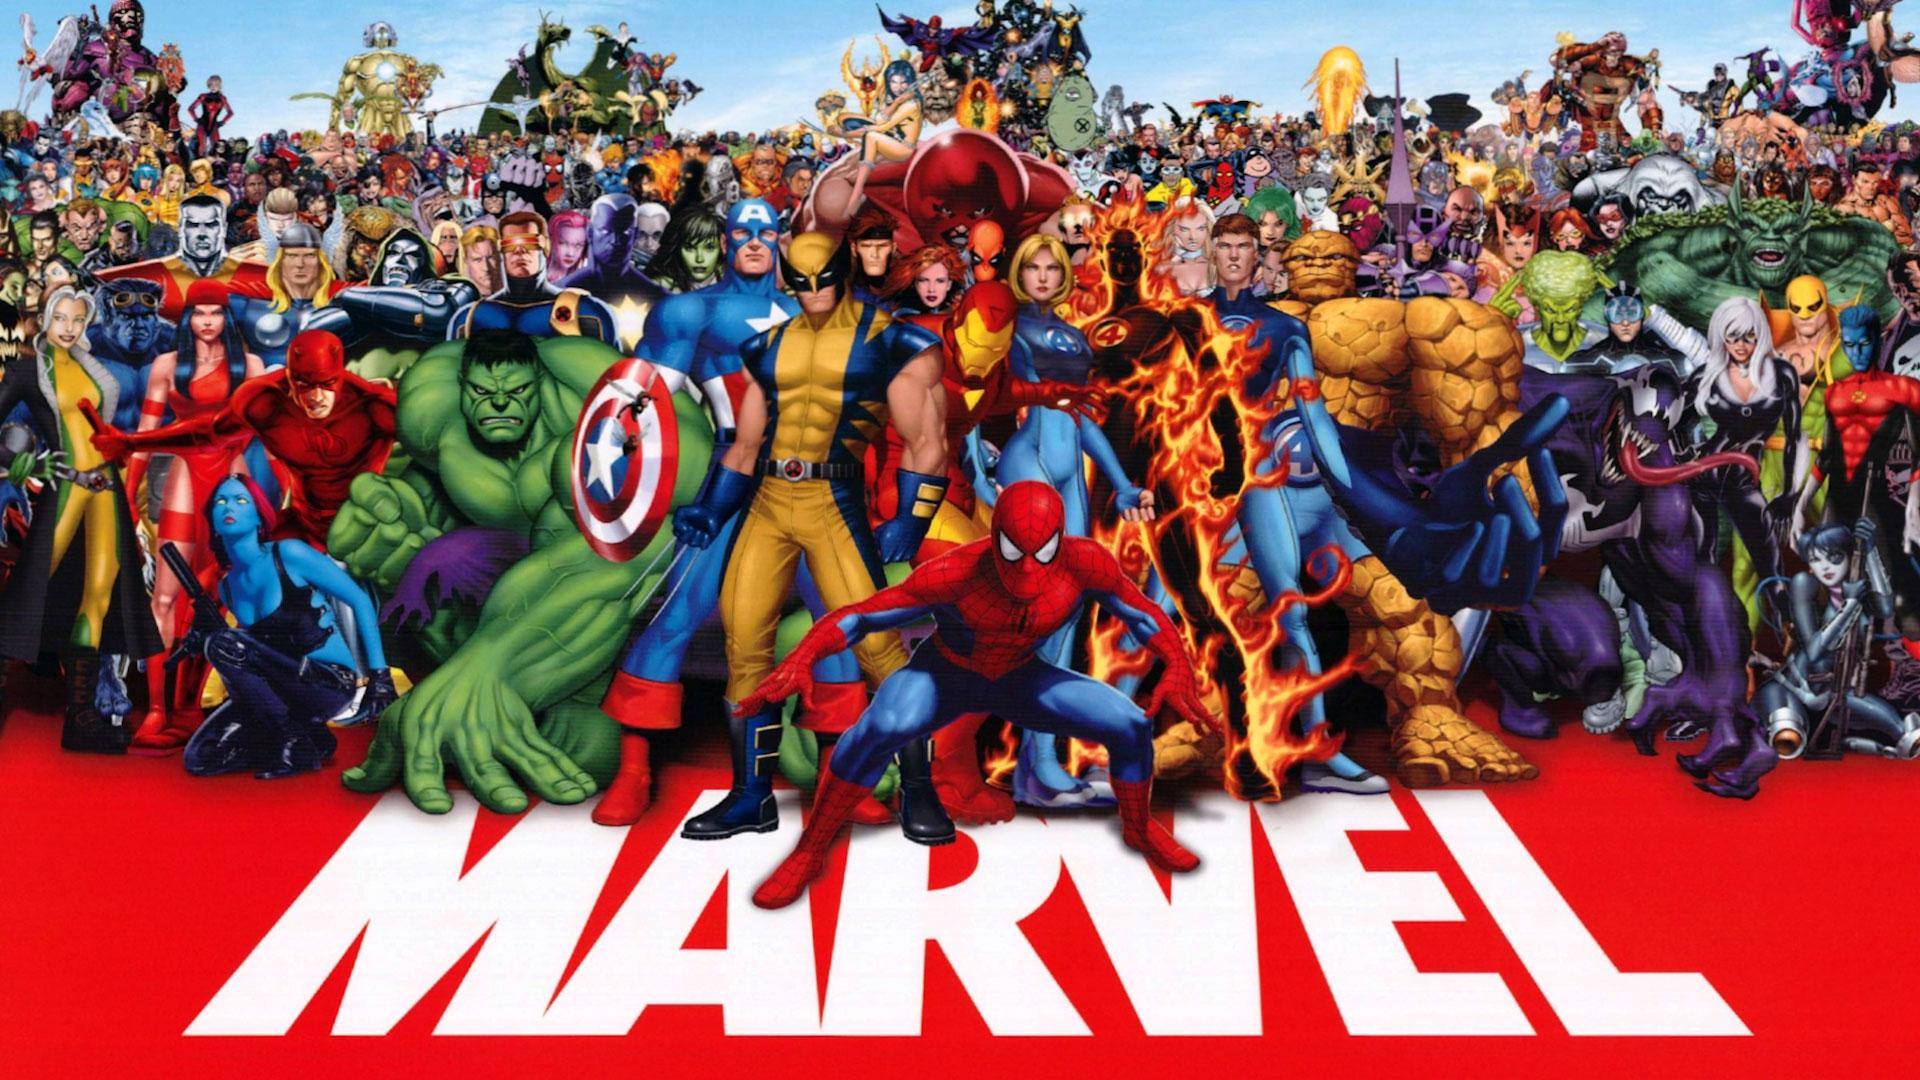 Wallpaper Marvel HD gratuit à télécharger sur NGN MAG